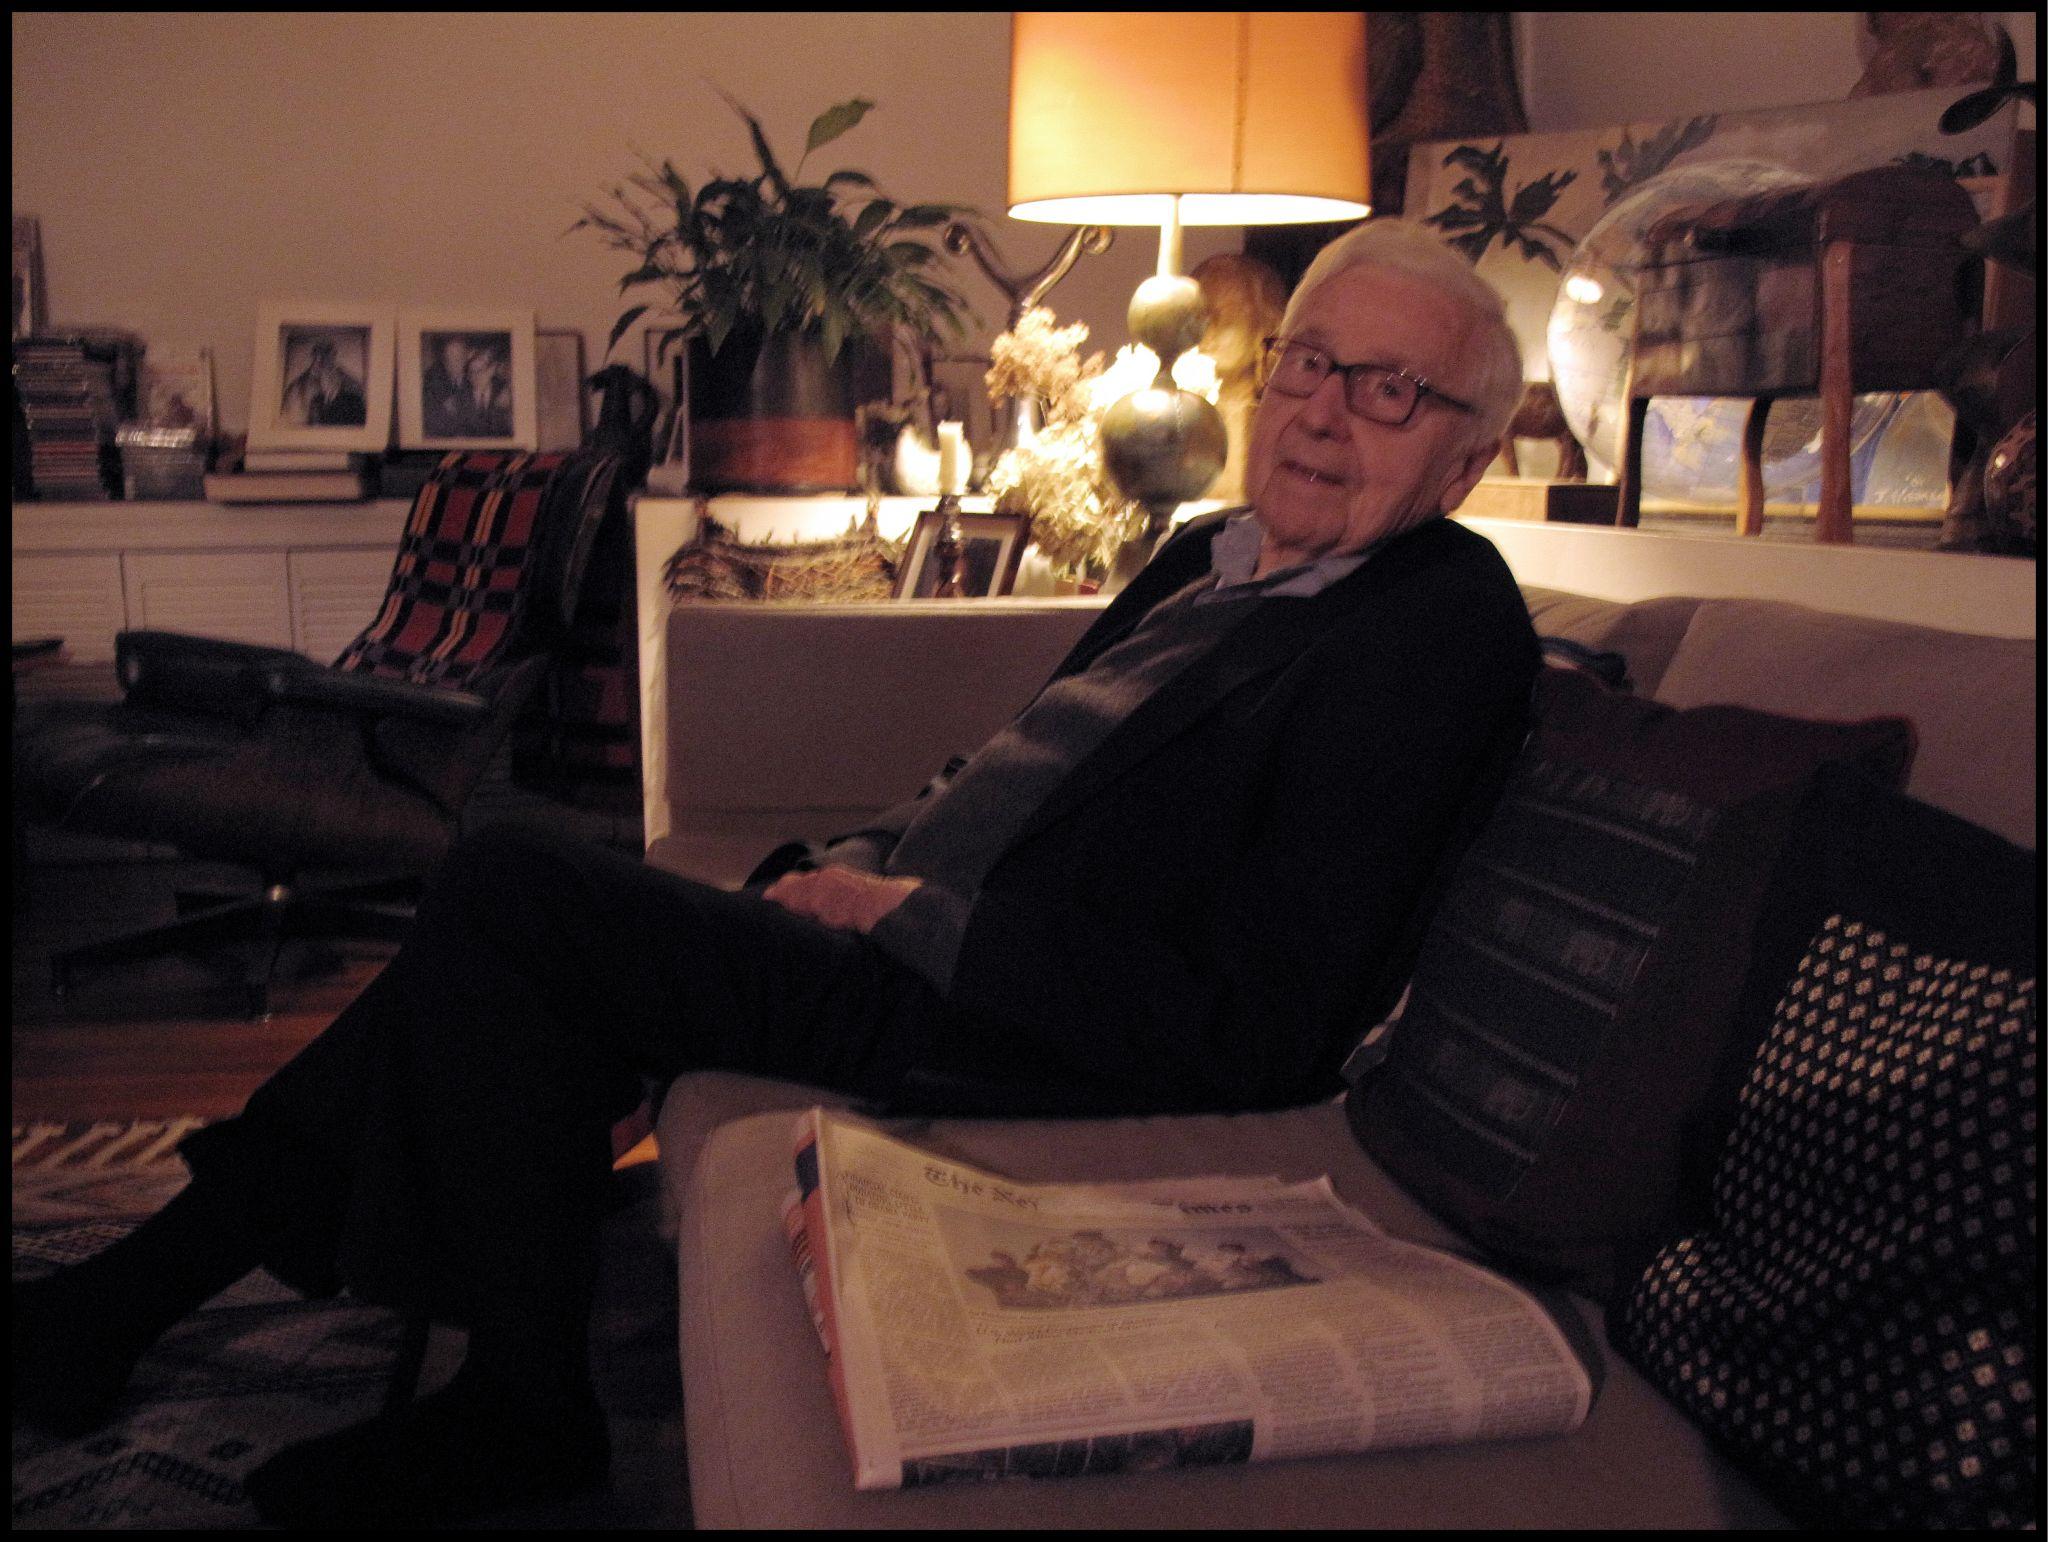 John G Morris, novembro de 2009. Foto de Oliver Morris/Getty Images.